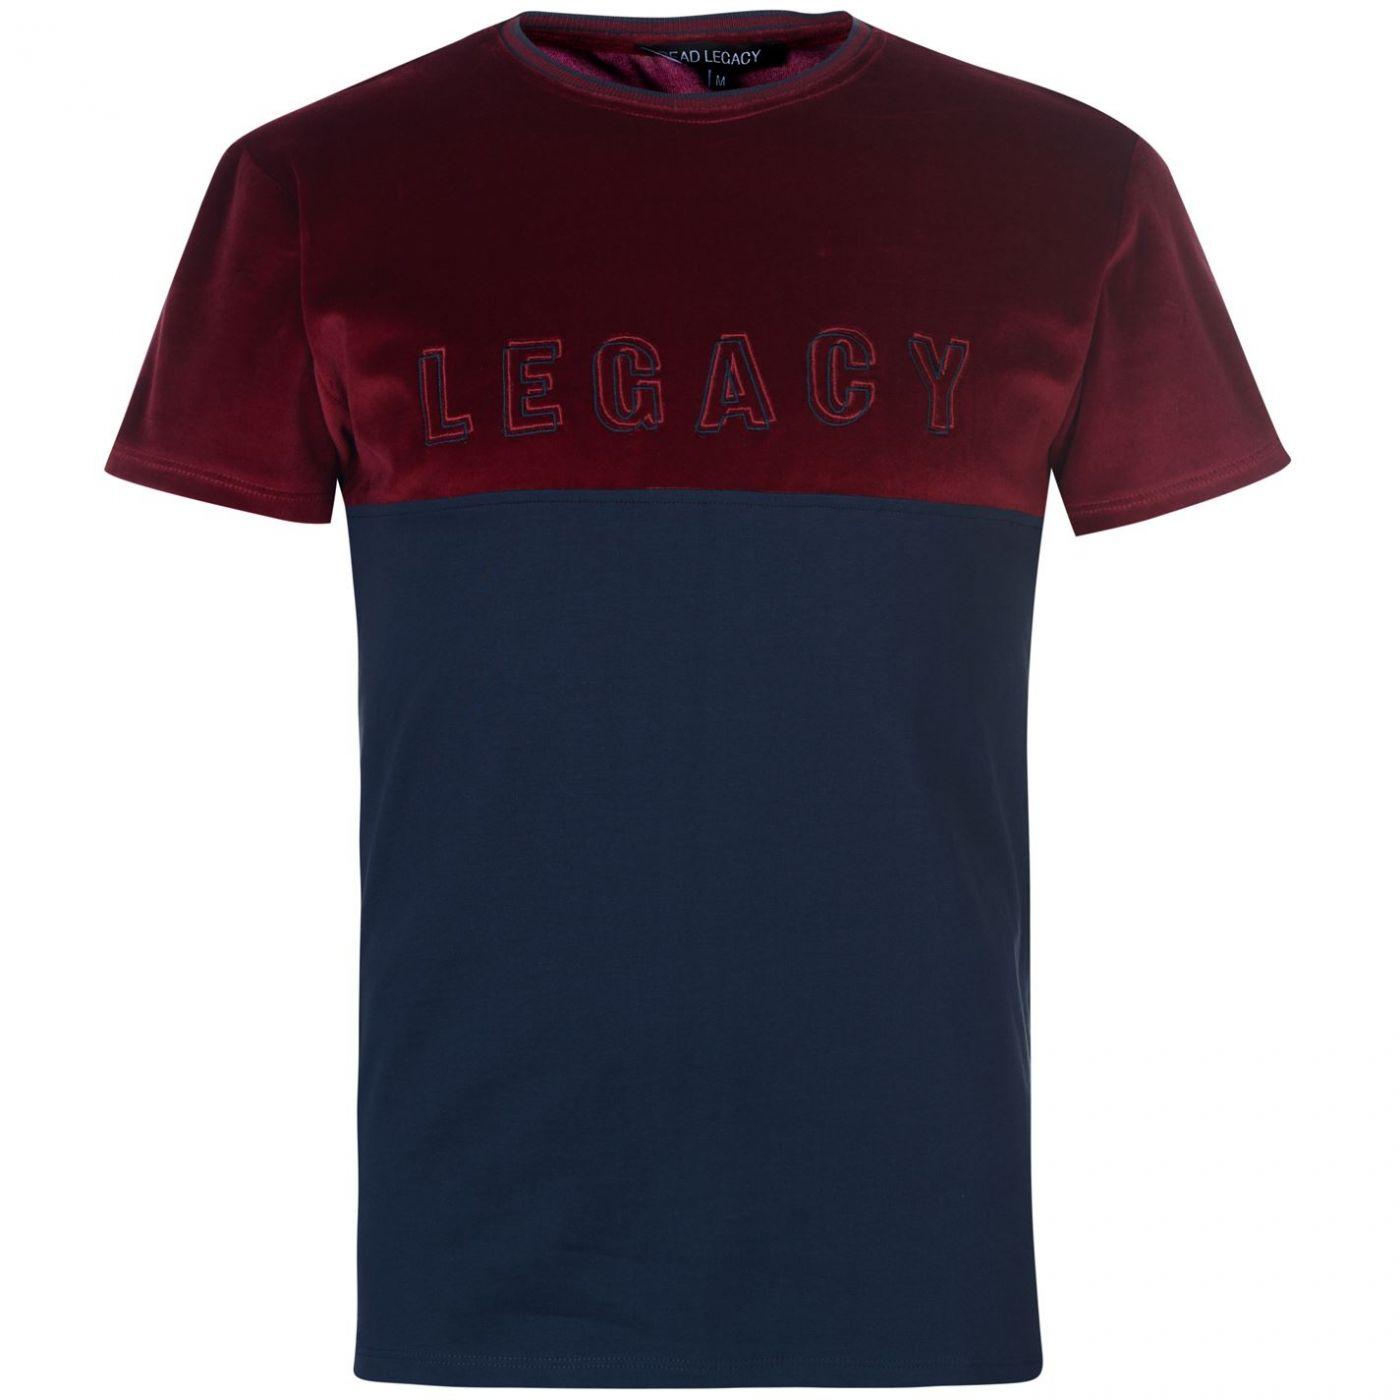 Dead Legacy Velour T Shirt